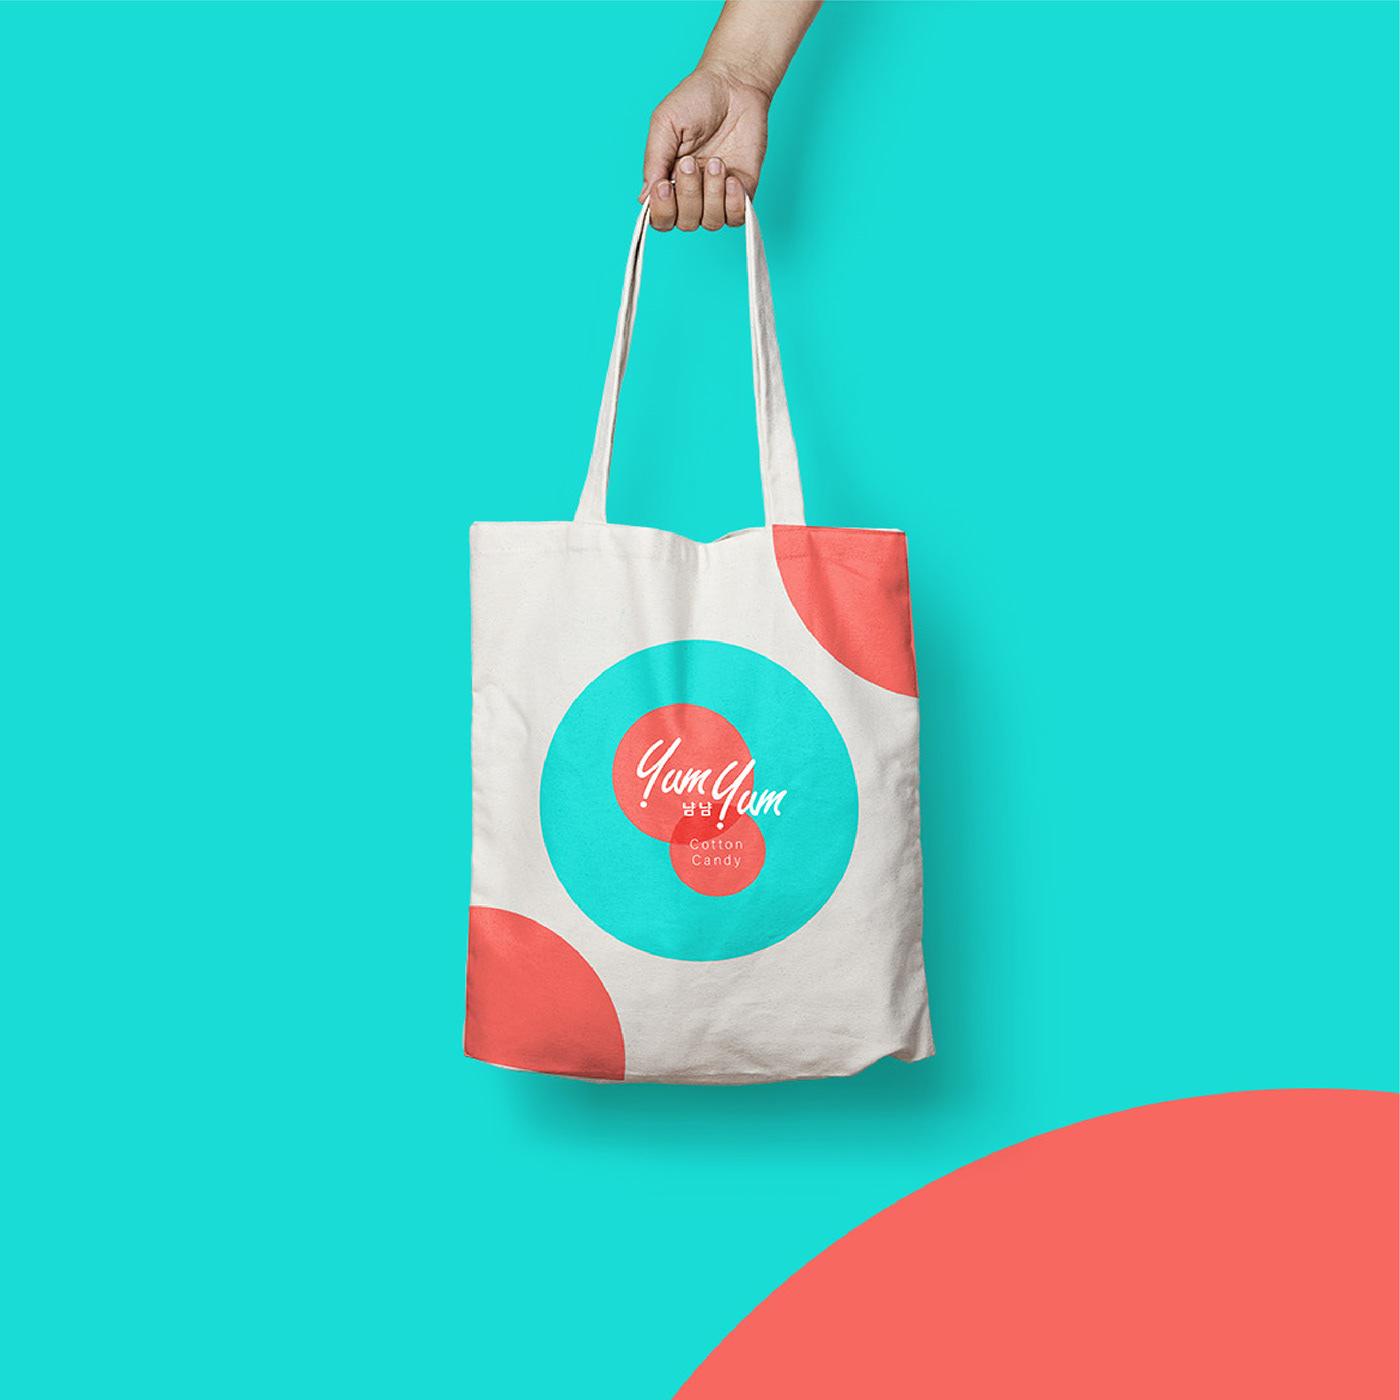 cotton candy Packaging design desain Kemasan branding  Hangul korean sweet pink